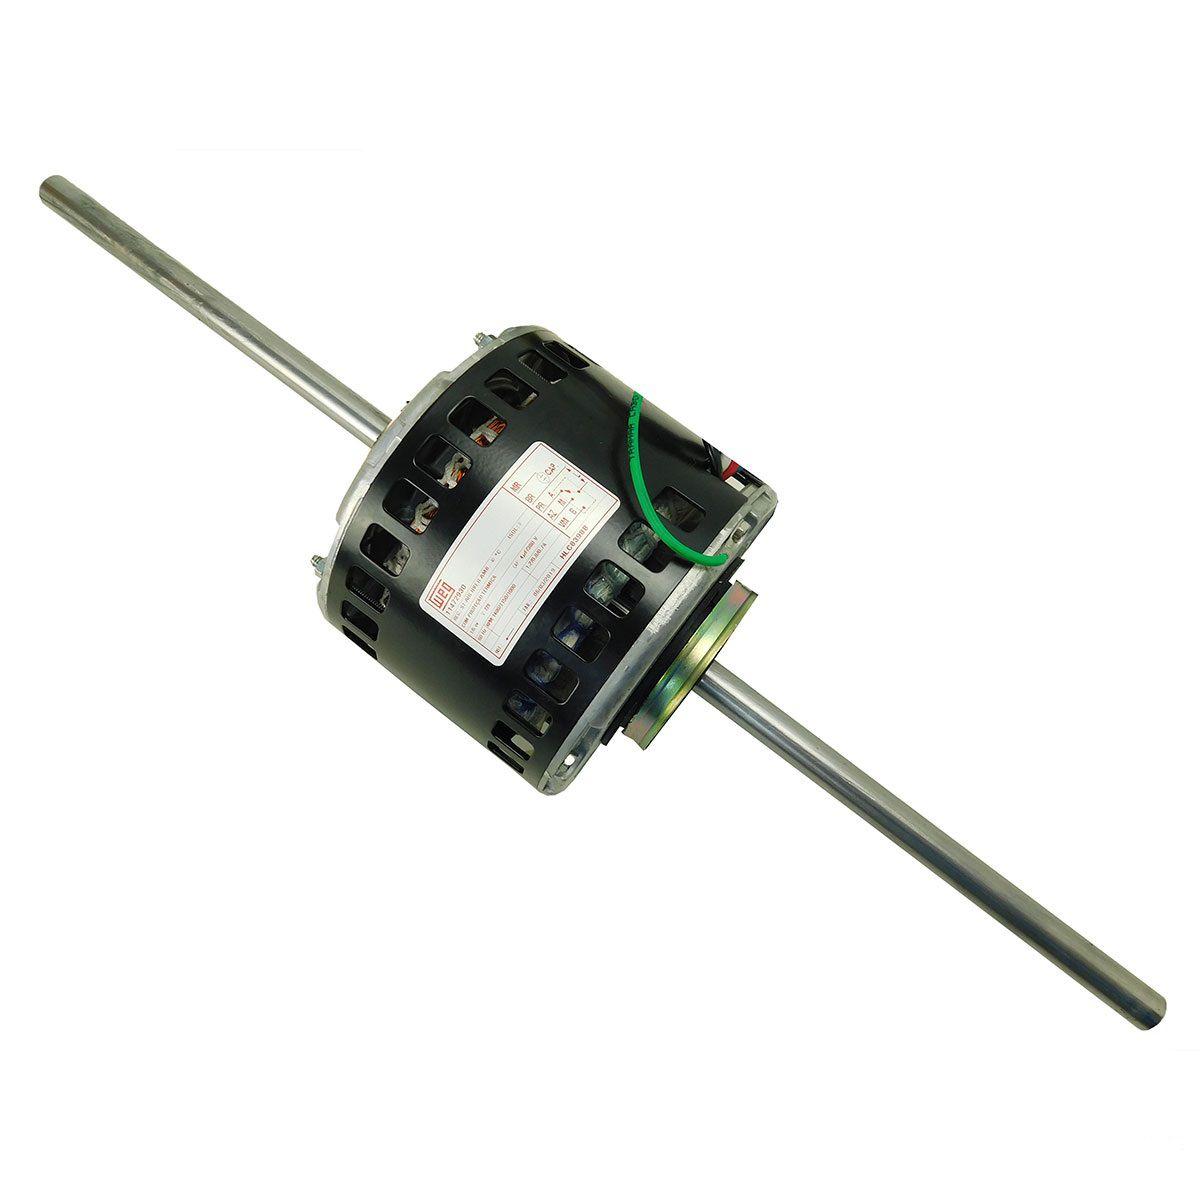 Motor Ventilador Evaporadora Piso Teto RPI 40.000 a 50.000 Btus e TCYD 36.000 a 48.000 Btus HLC8398B Hitachi